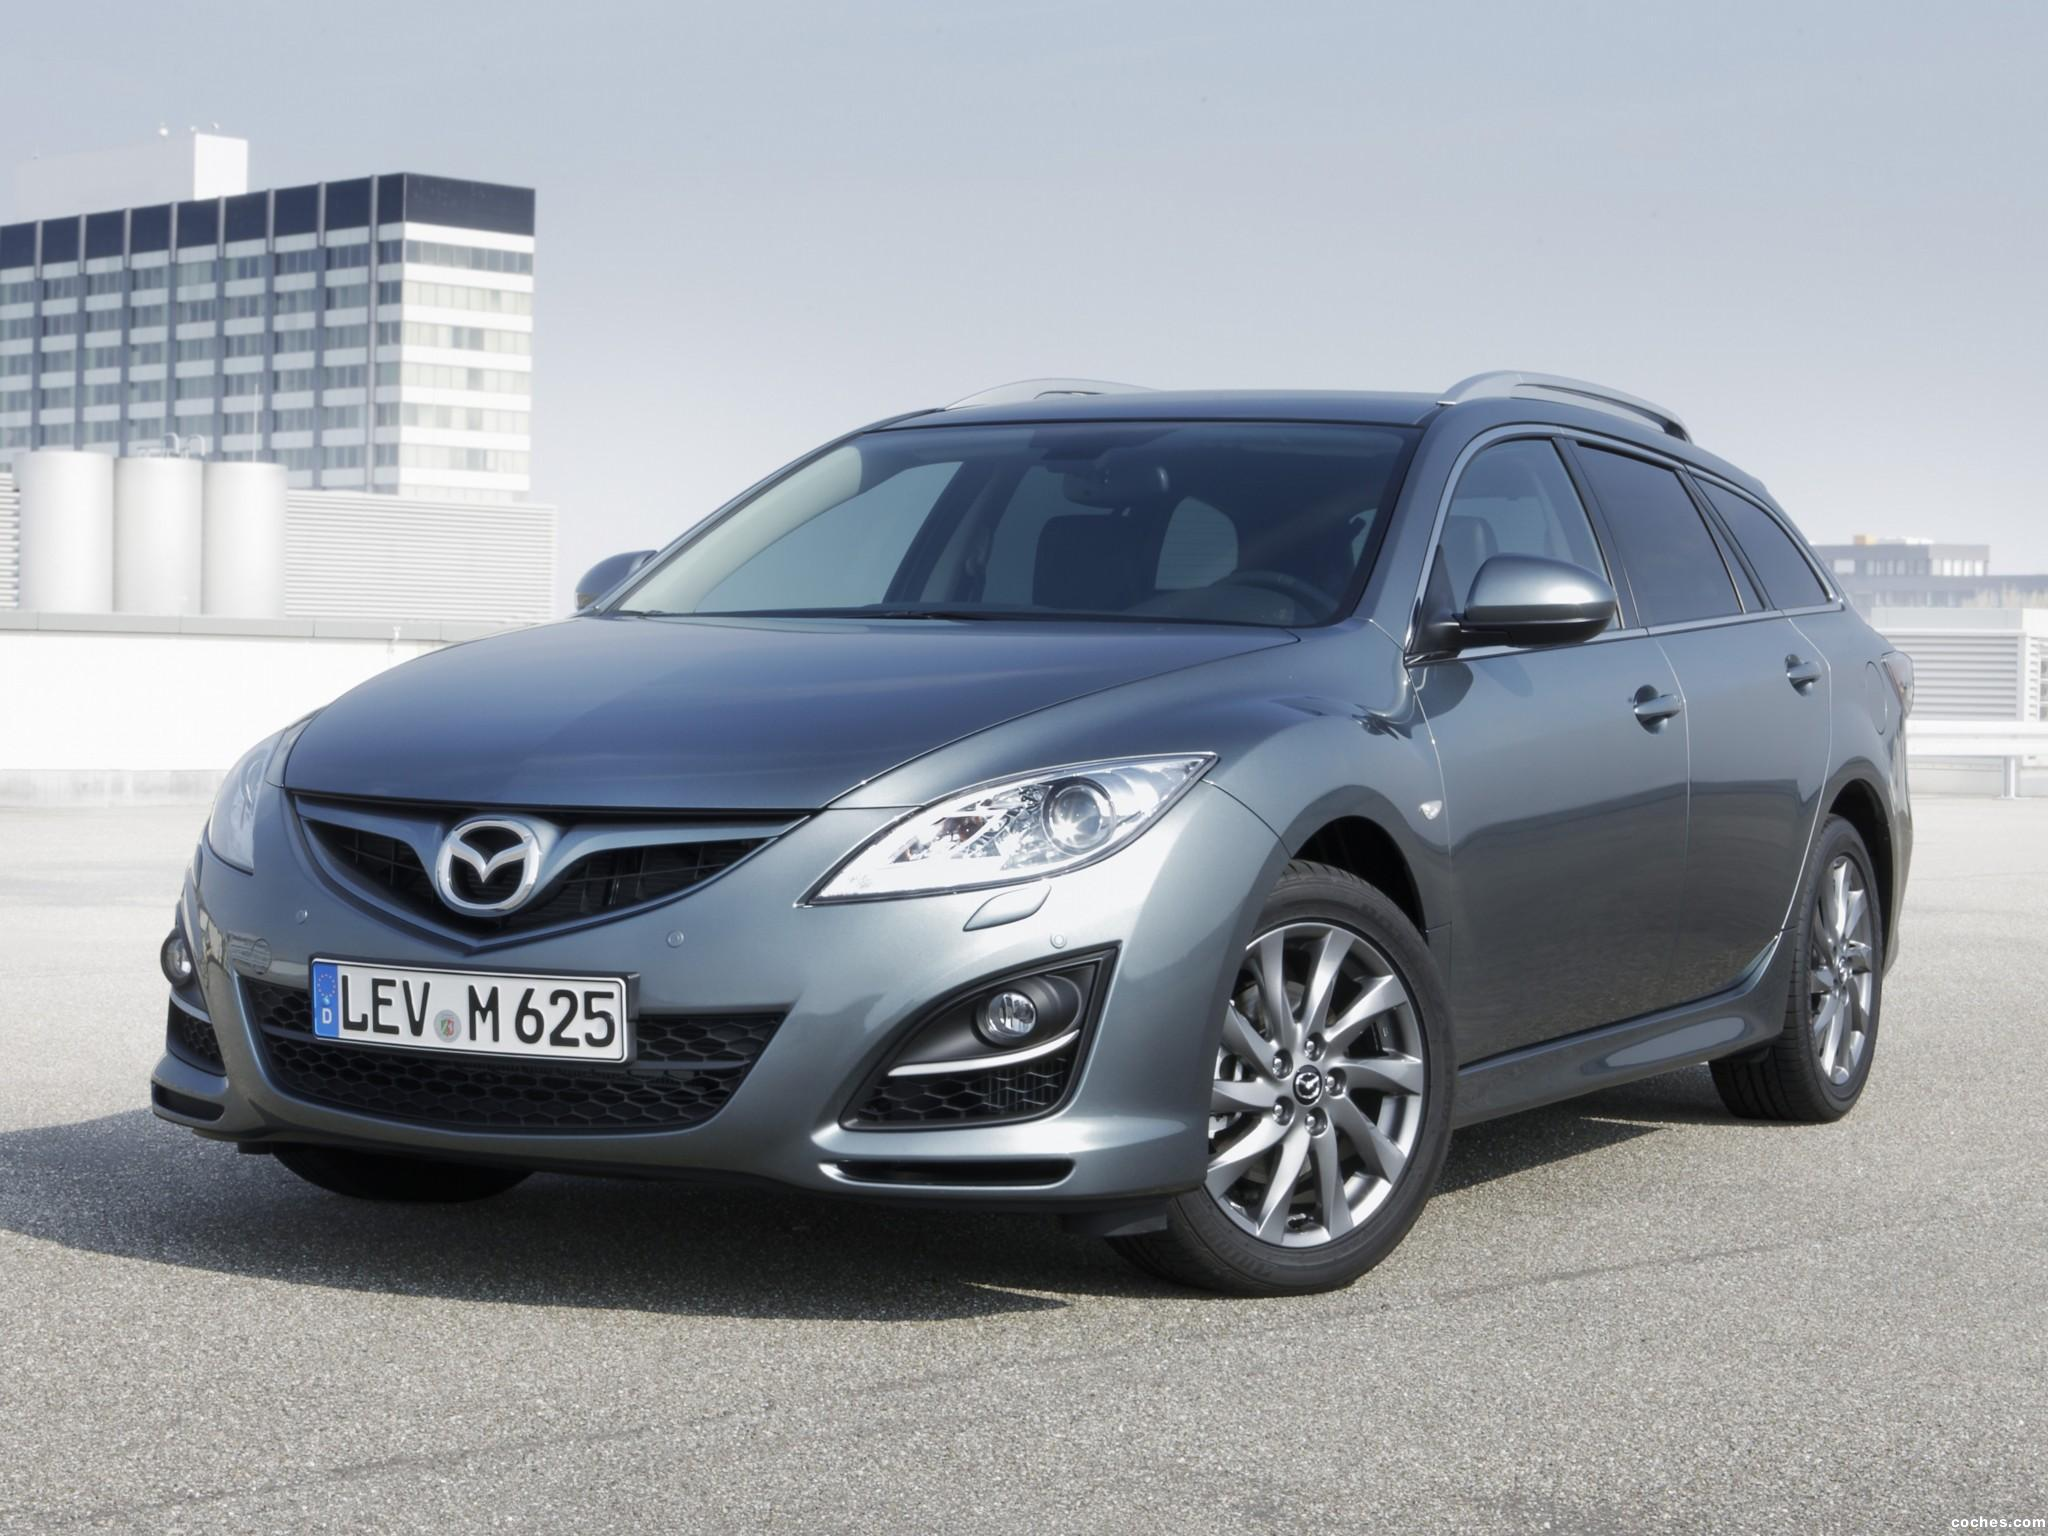 Foto 0 de Mazda 6 Wagon Edition 40 2012